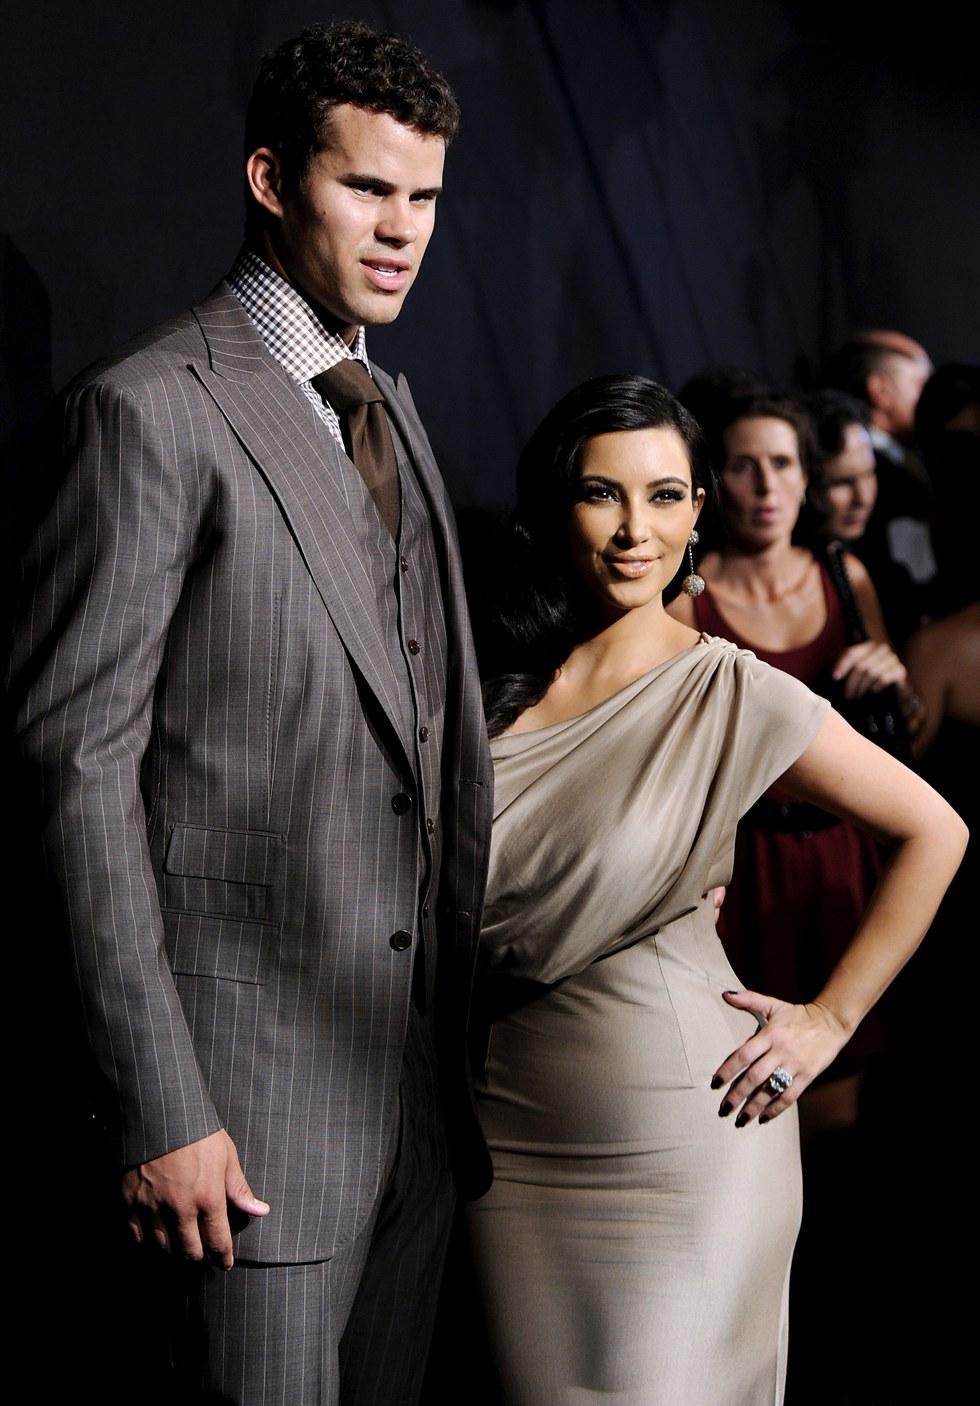 Kim Kardashian's husband - 72 days